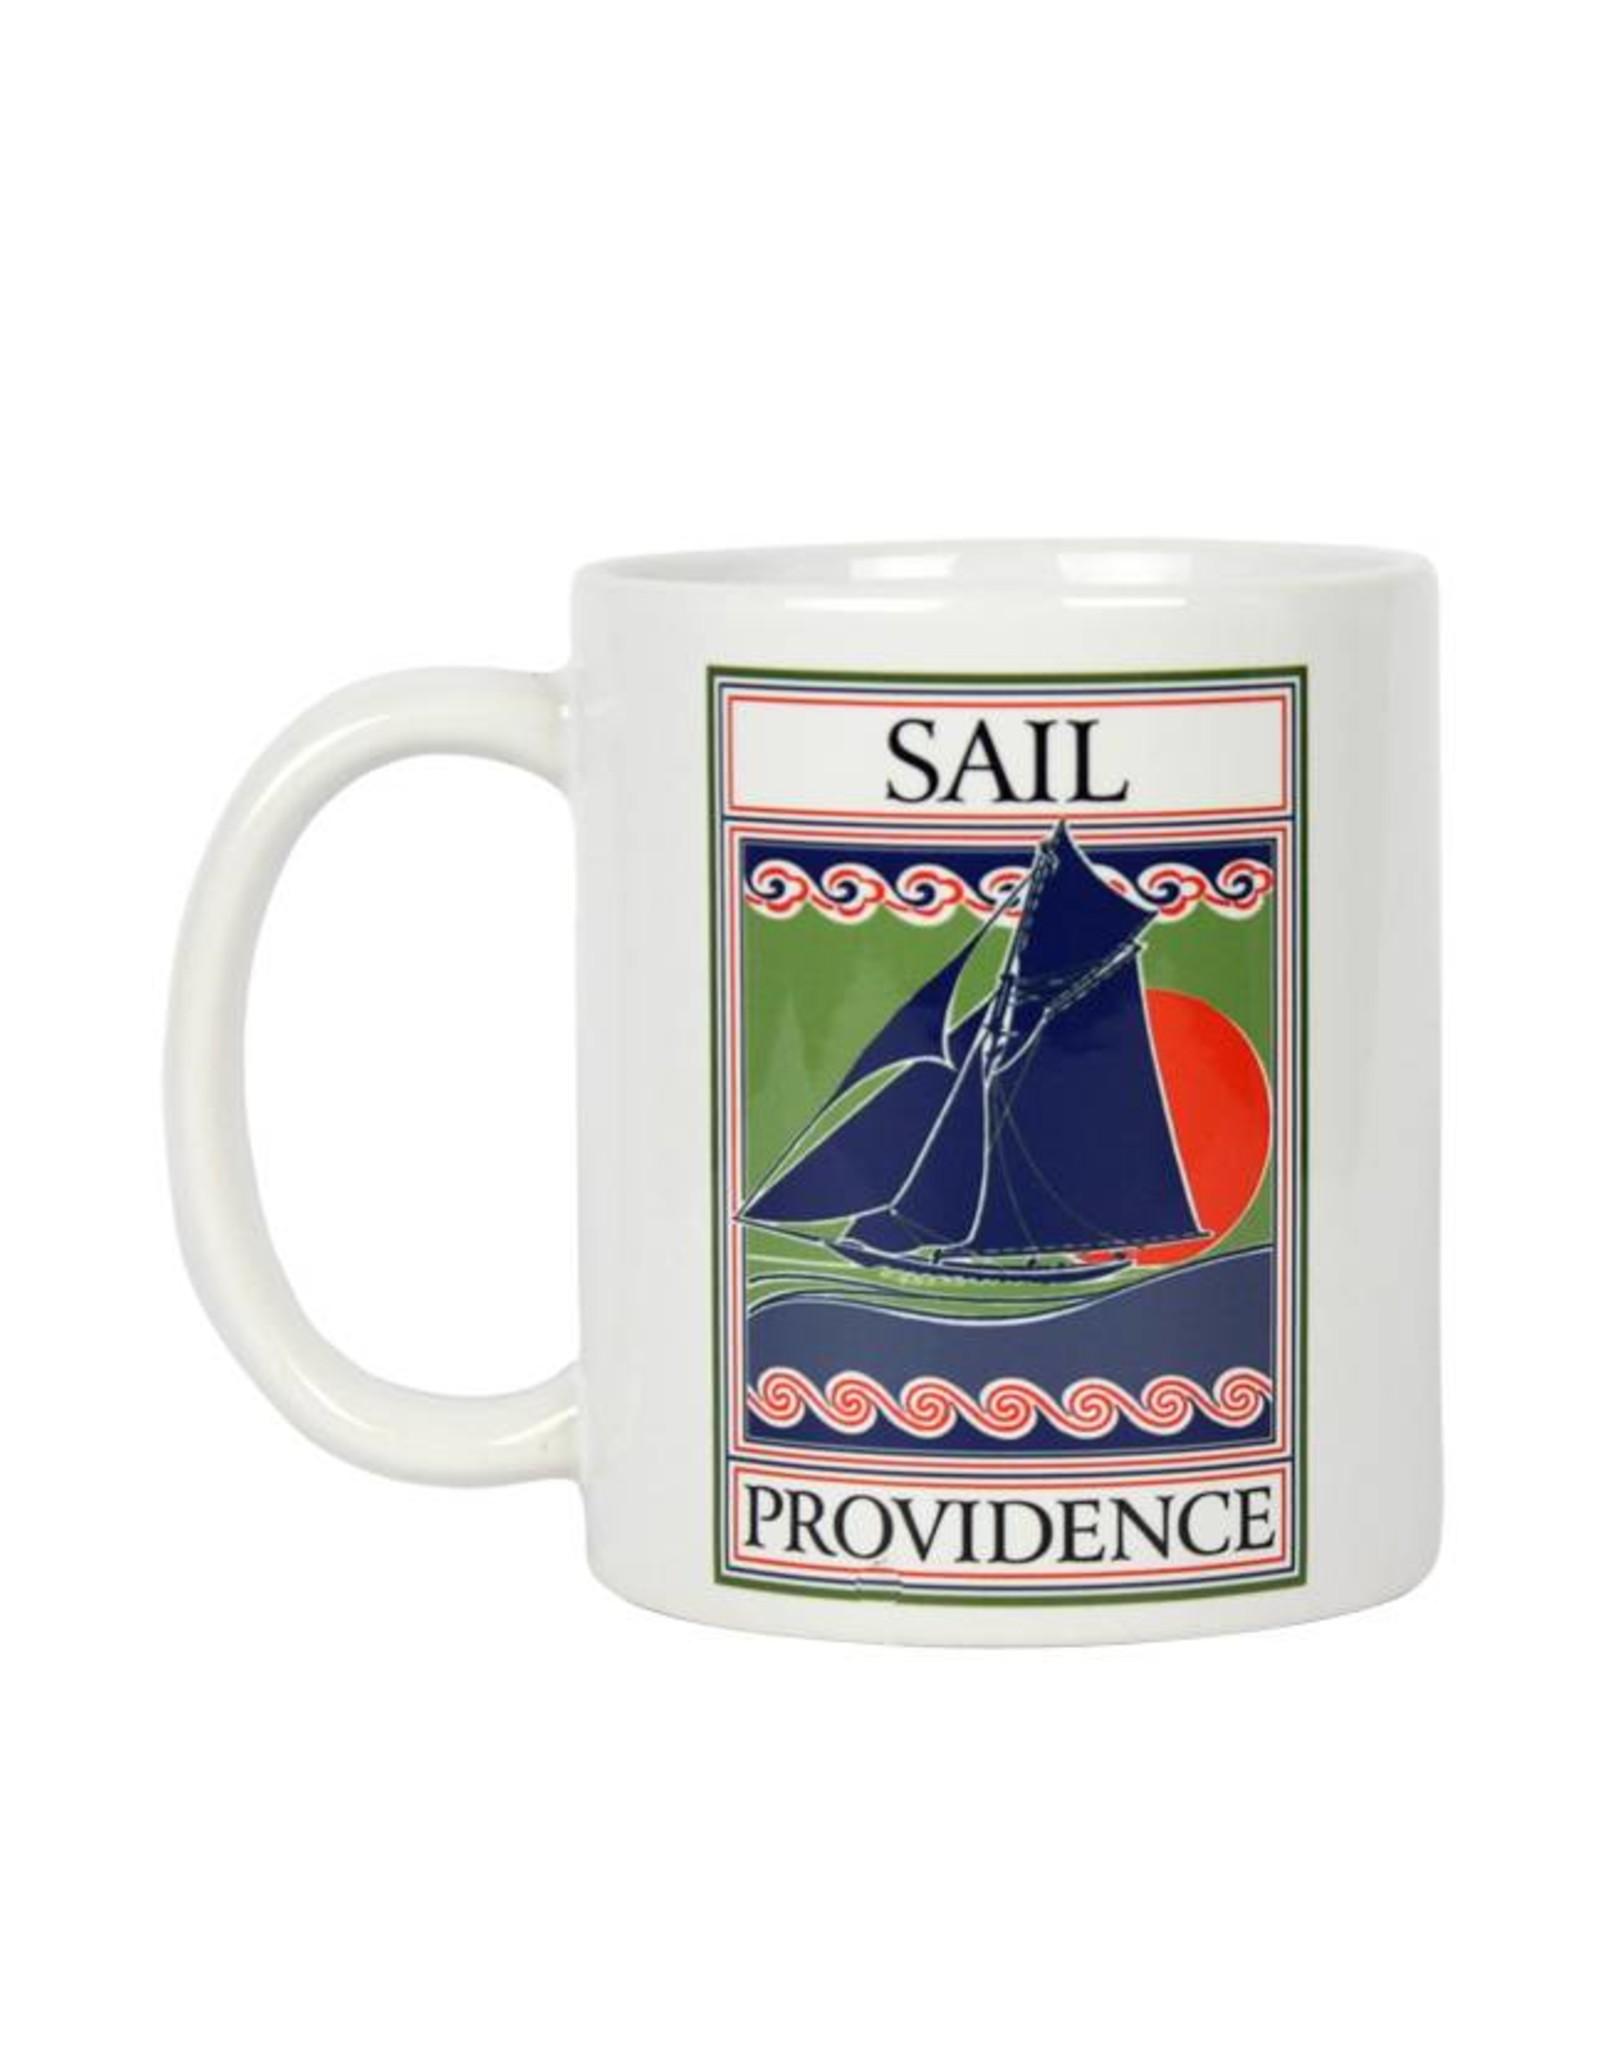 Sail Providence Mug